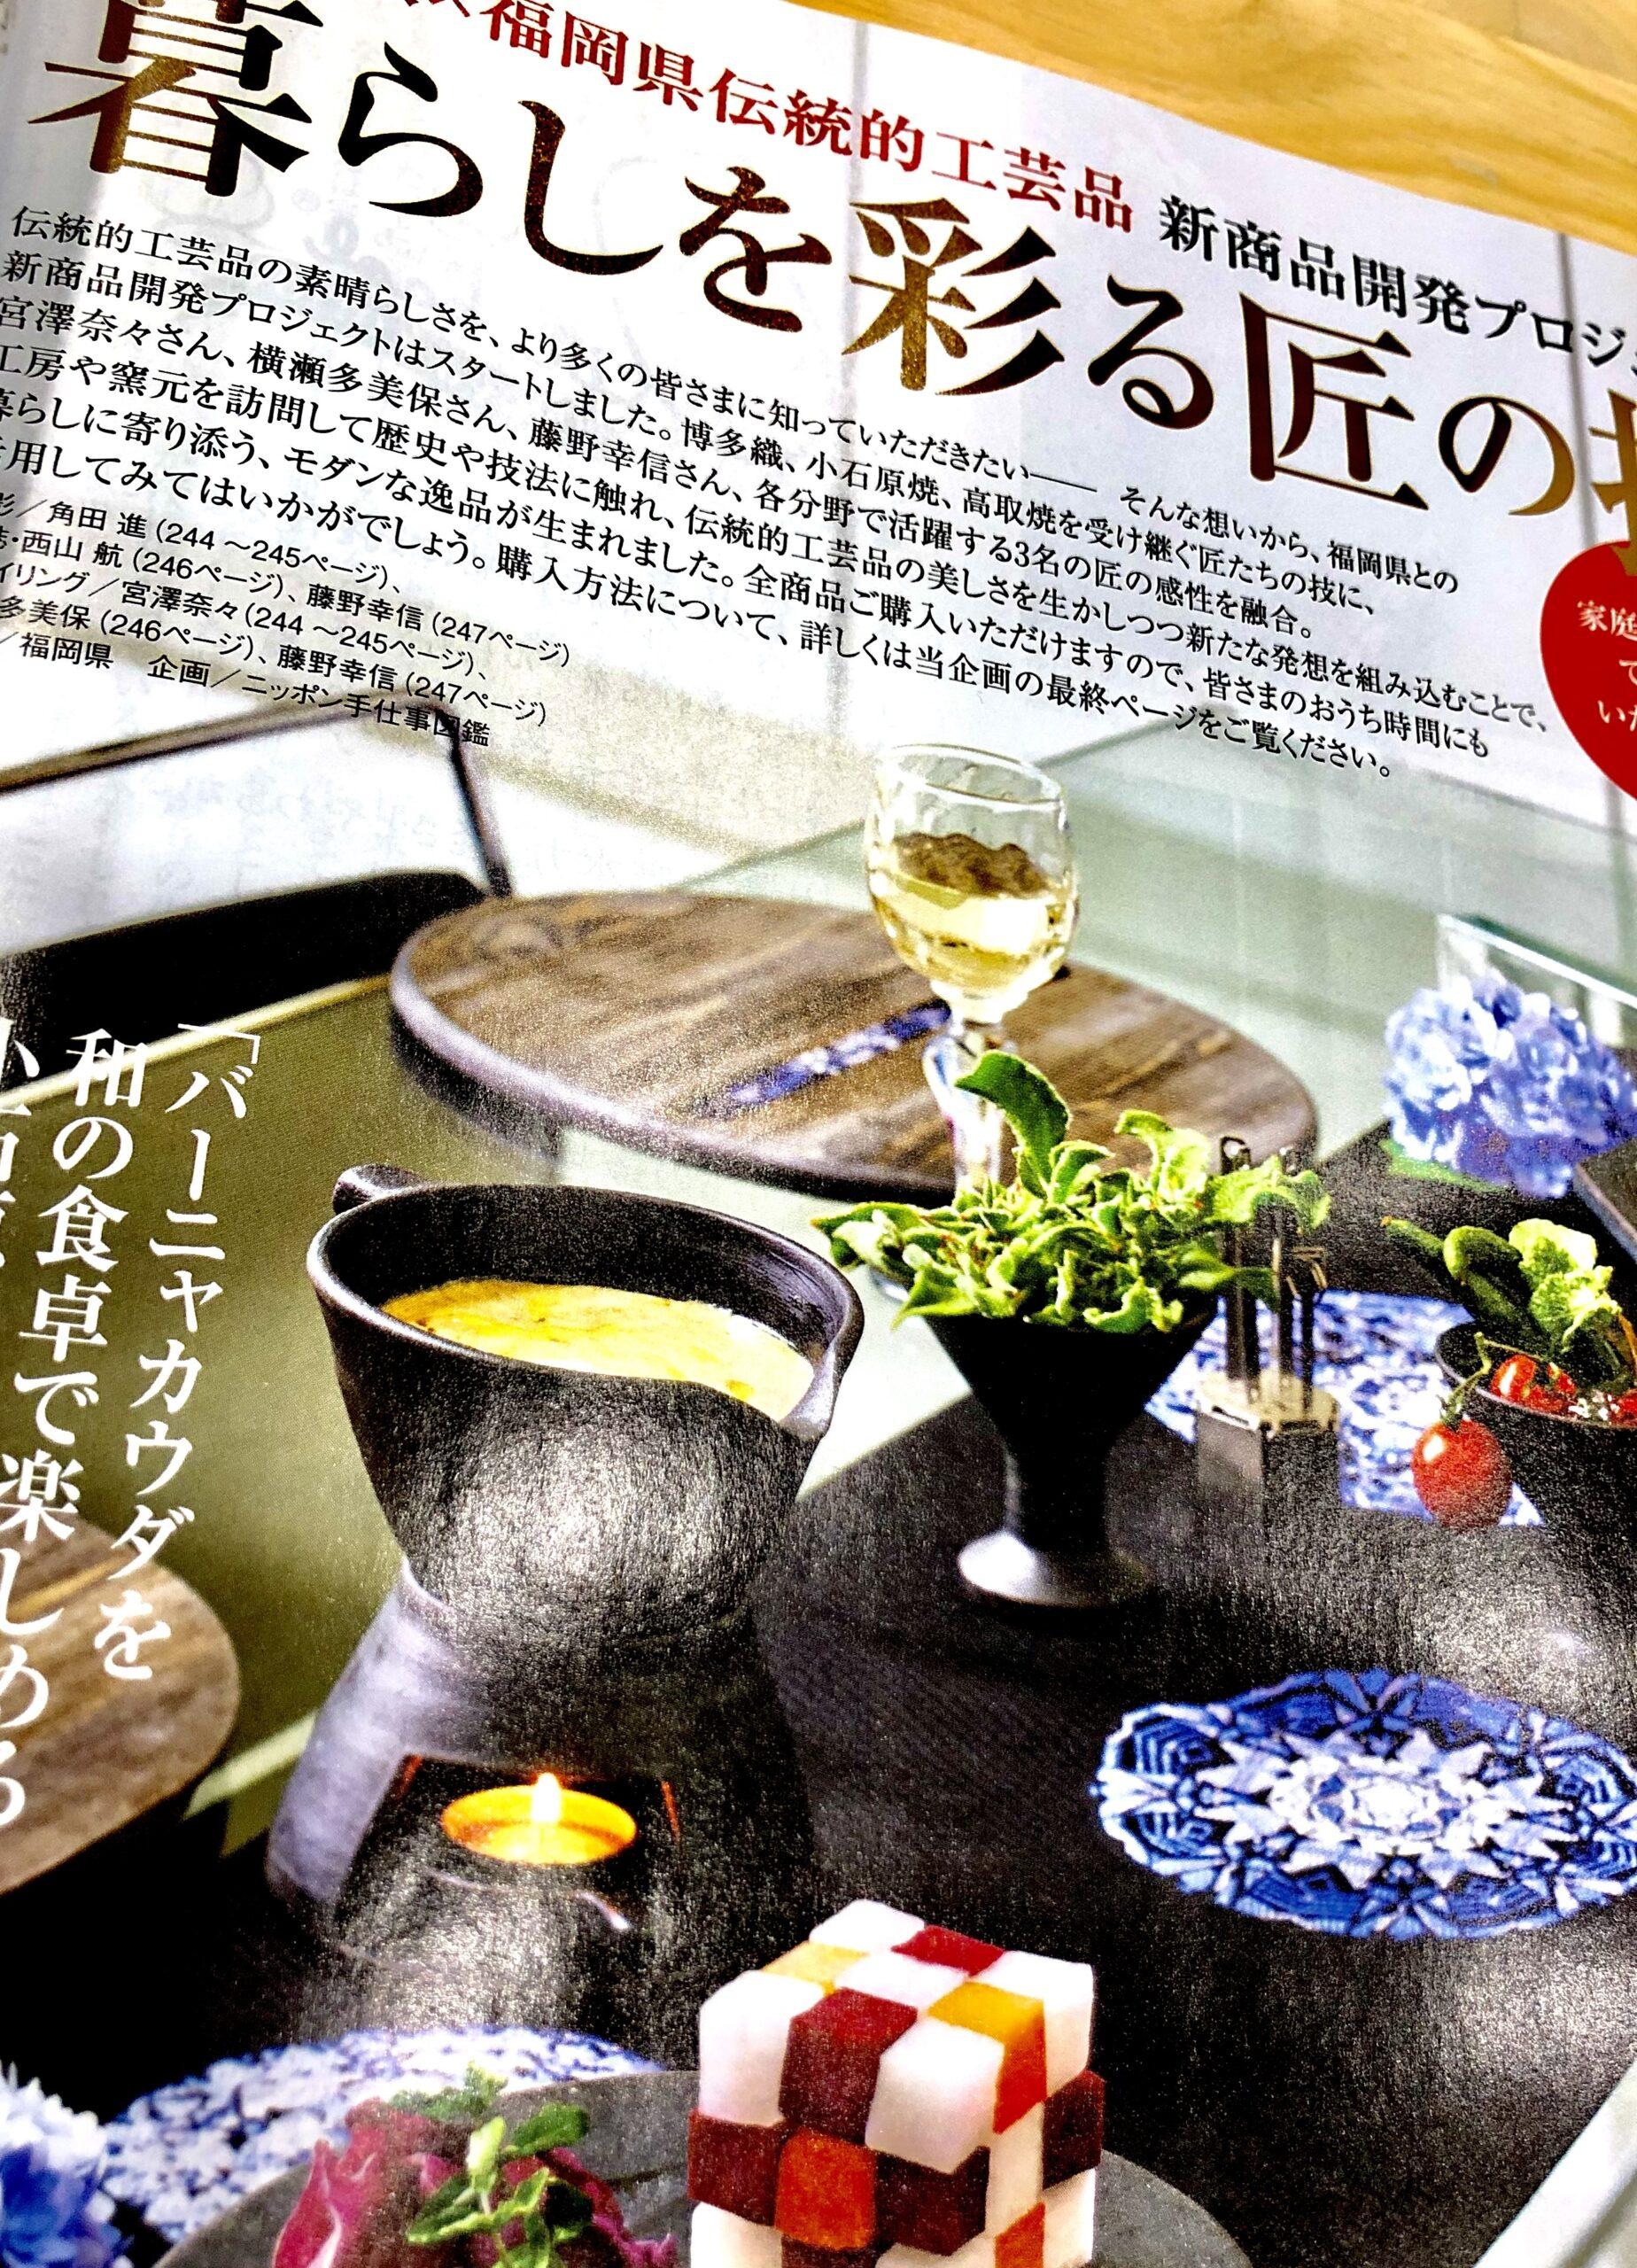 家庭画報7月号の特集ページの写真